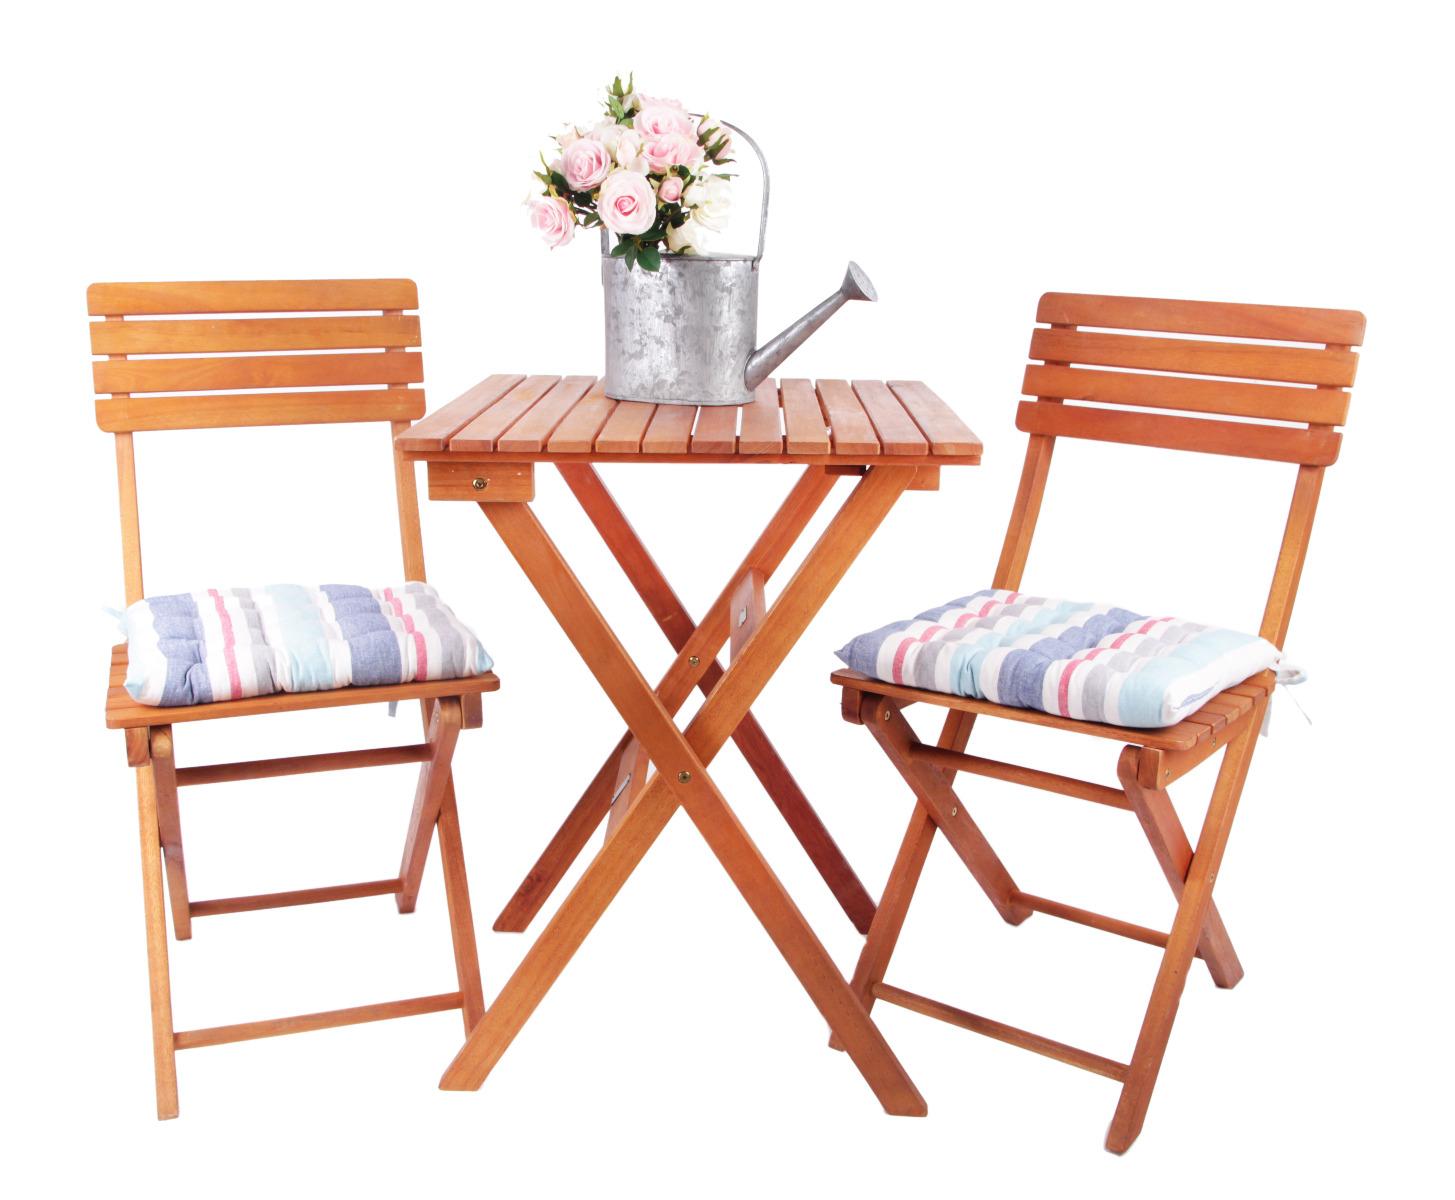 Das Bild zeigt Gartenmöbel aus Holz.